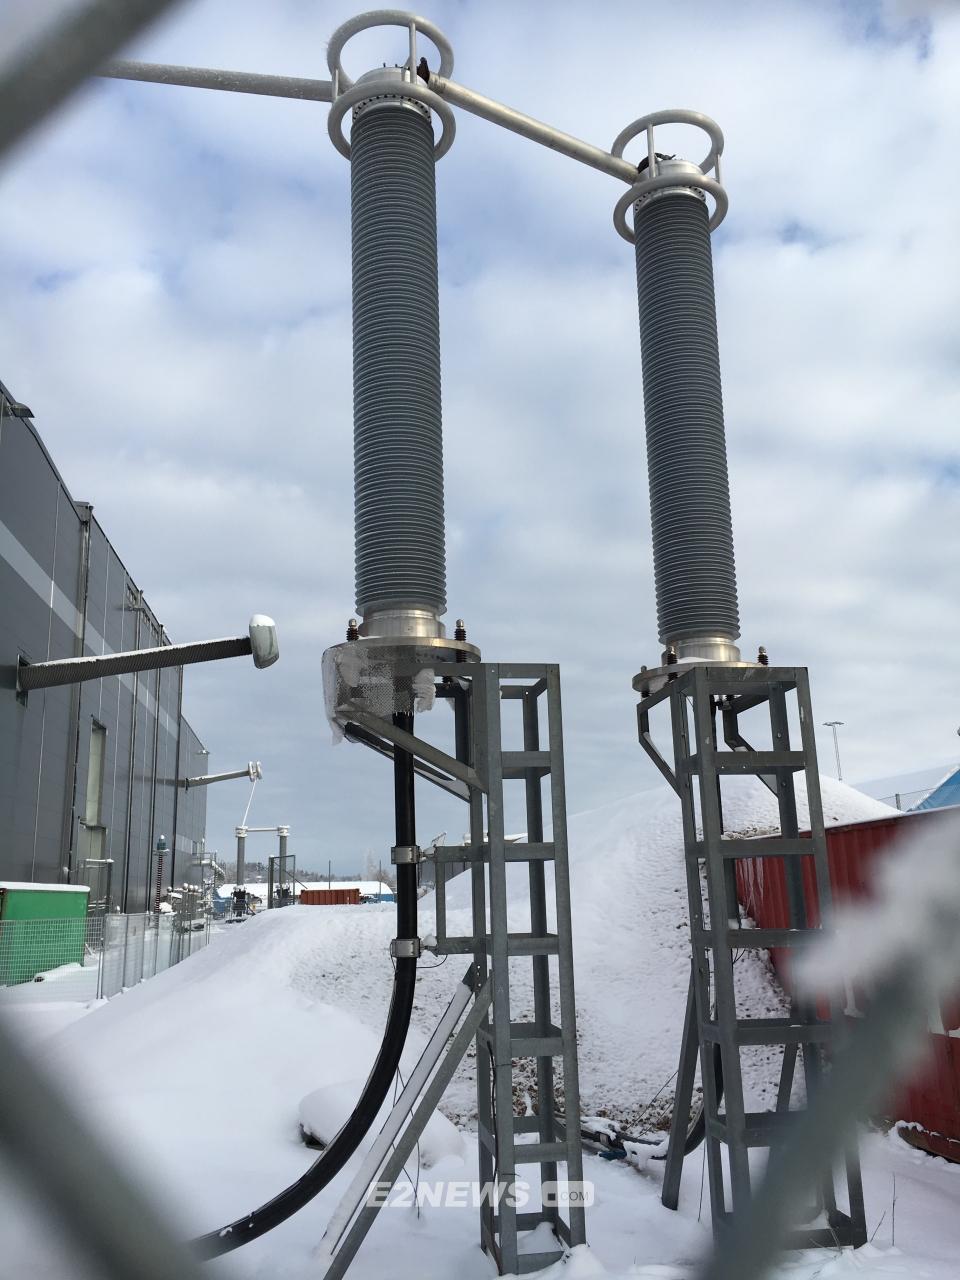 ▲넥상스의 525kV 역대 최고전압 HVDC 케이블 시스템 ⓒ넥상스코리아